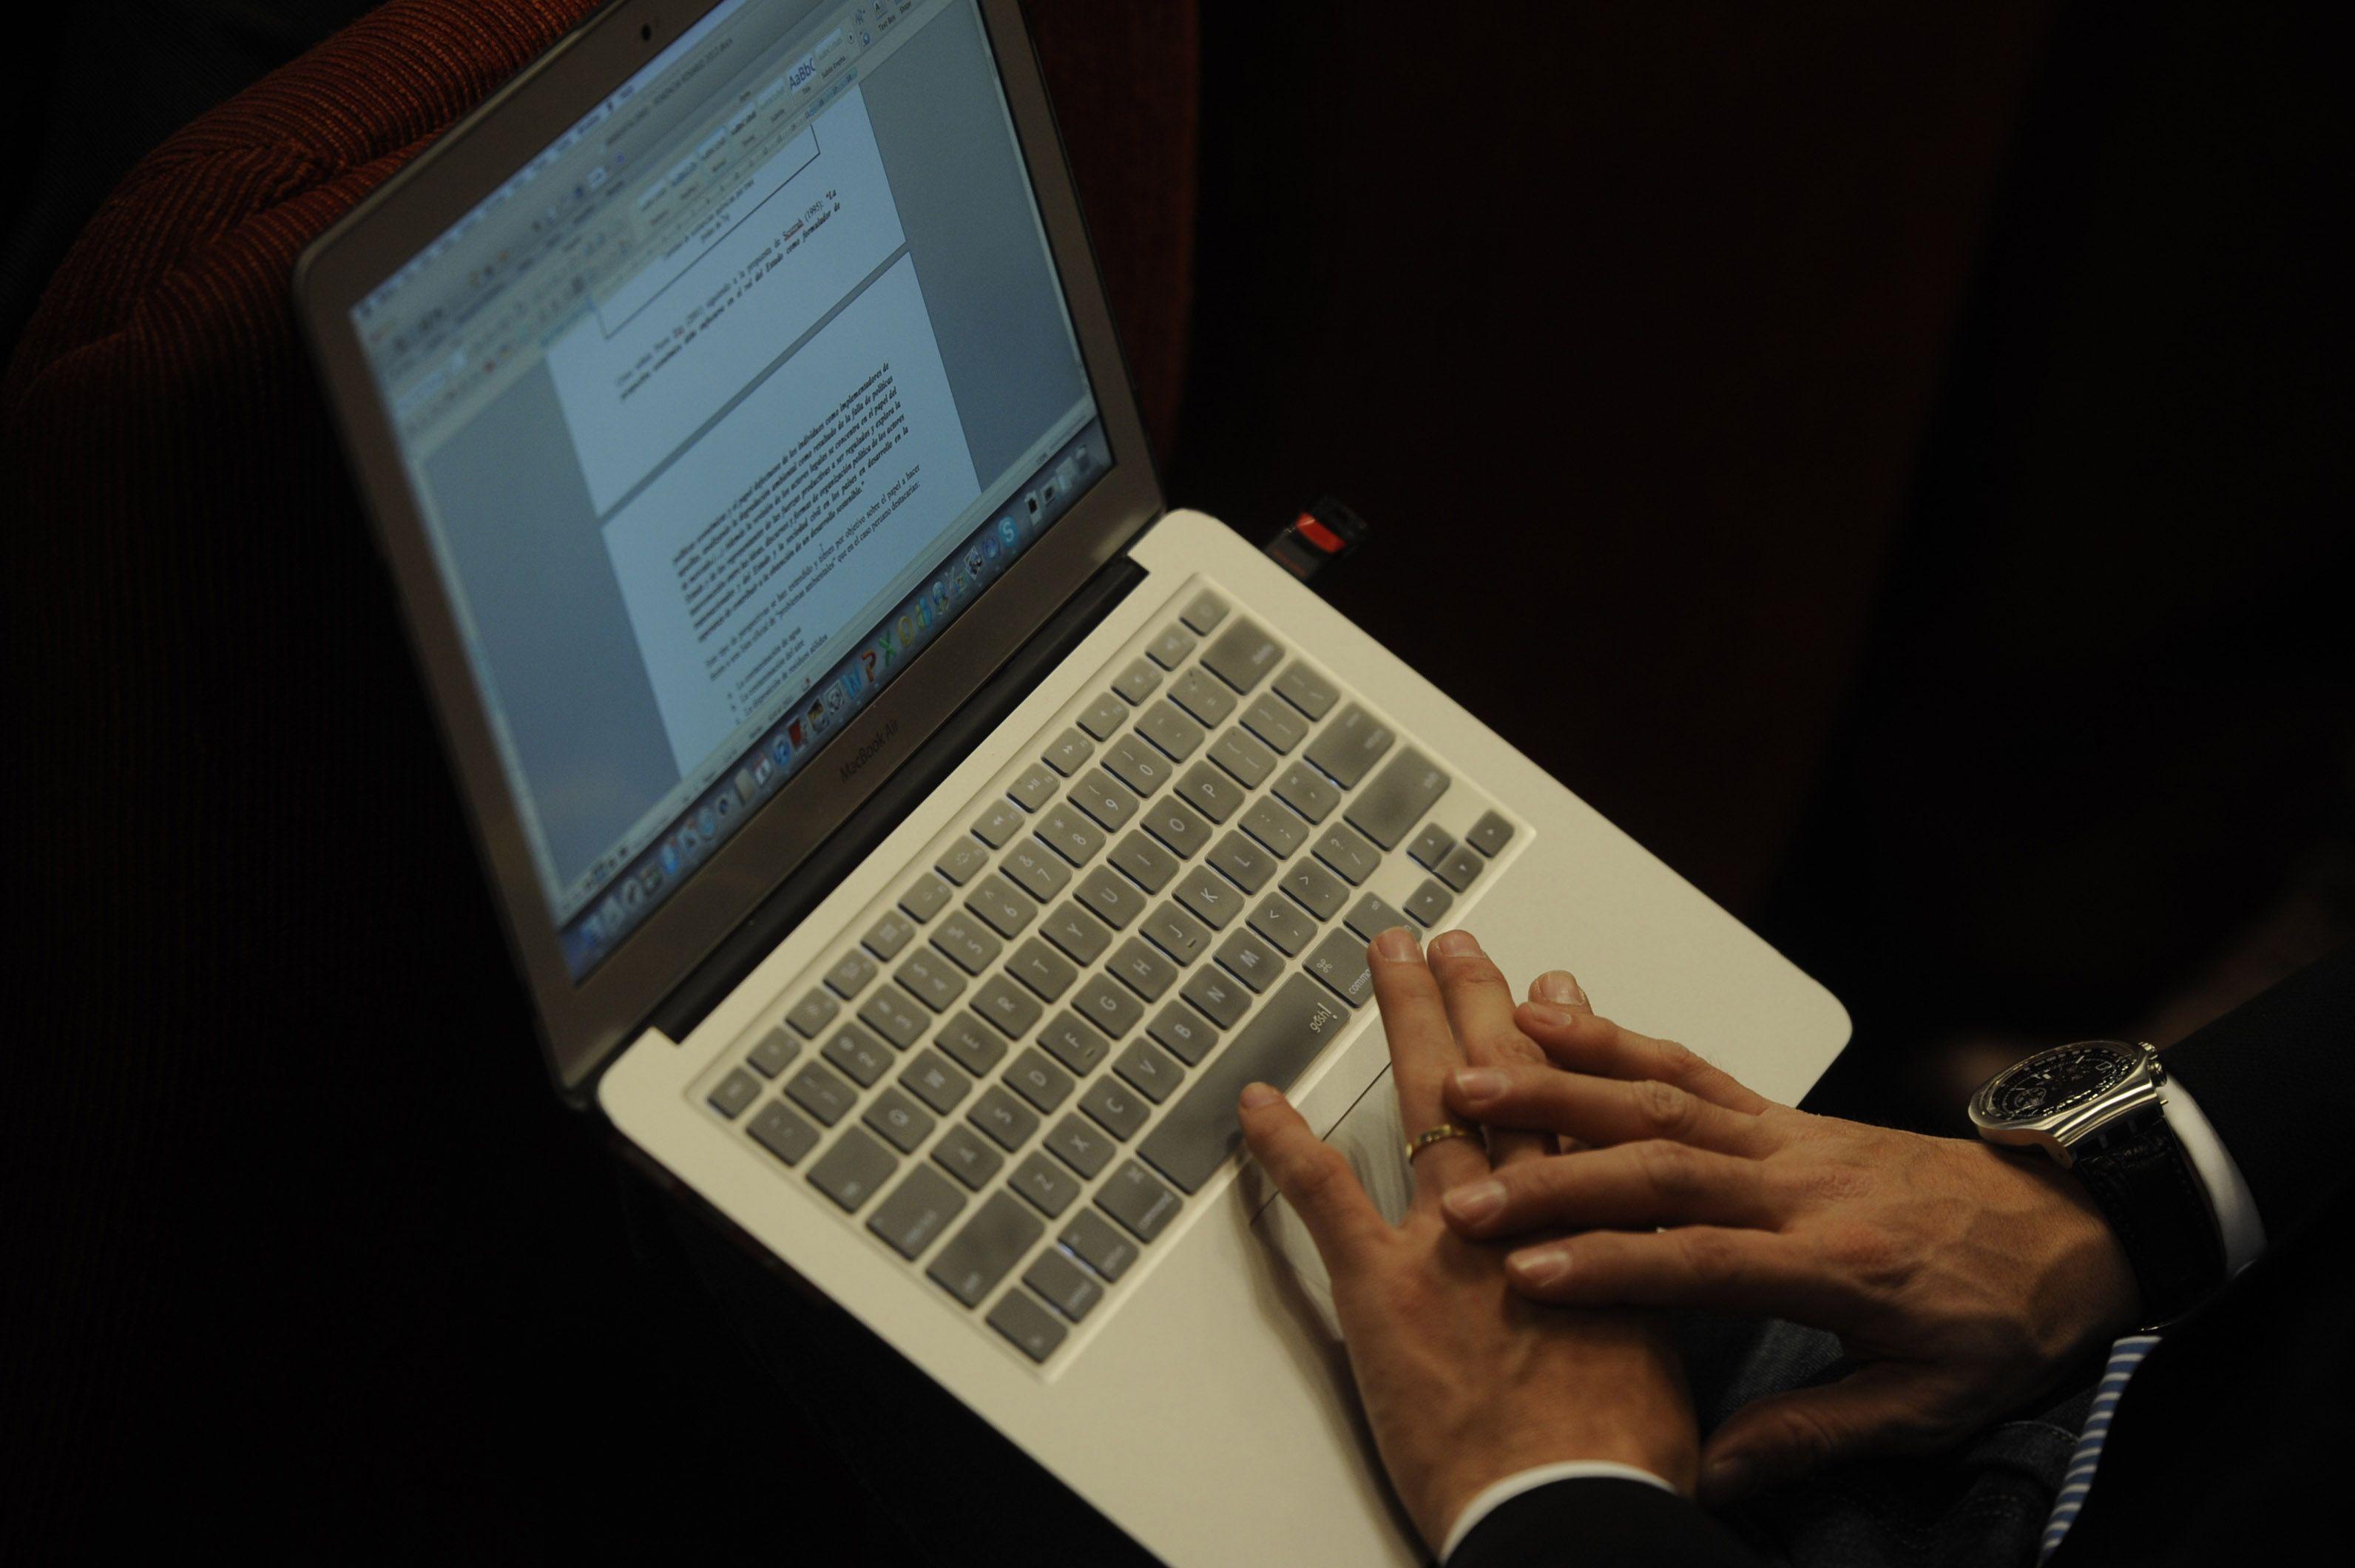 Estudiar on line. El plan suma una opción de cursado semipresencial ampliando las opciones de inclusión socioeducativa.